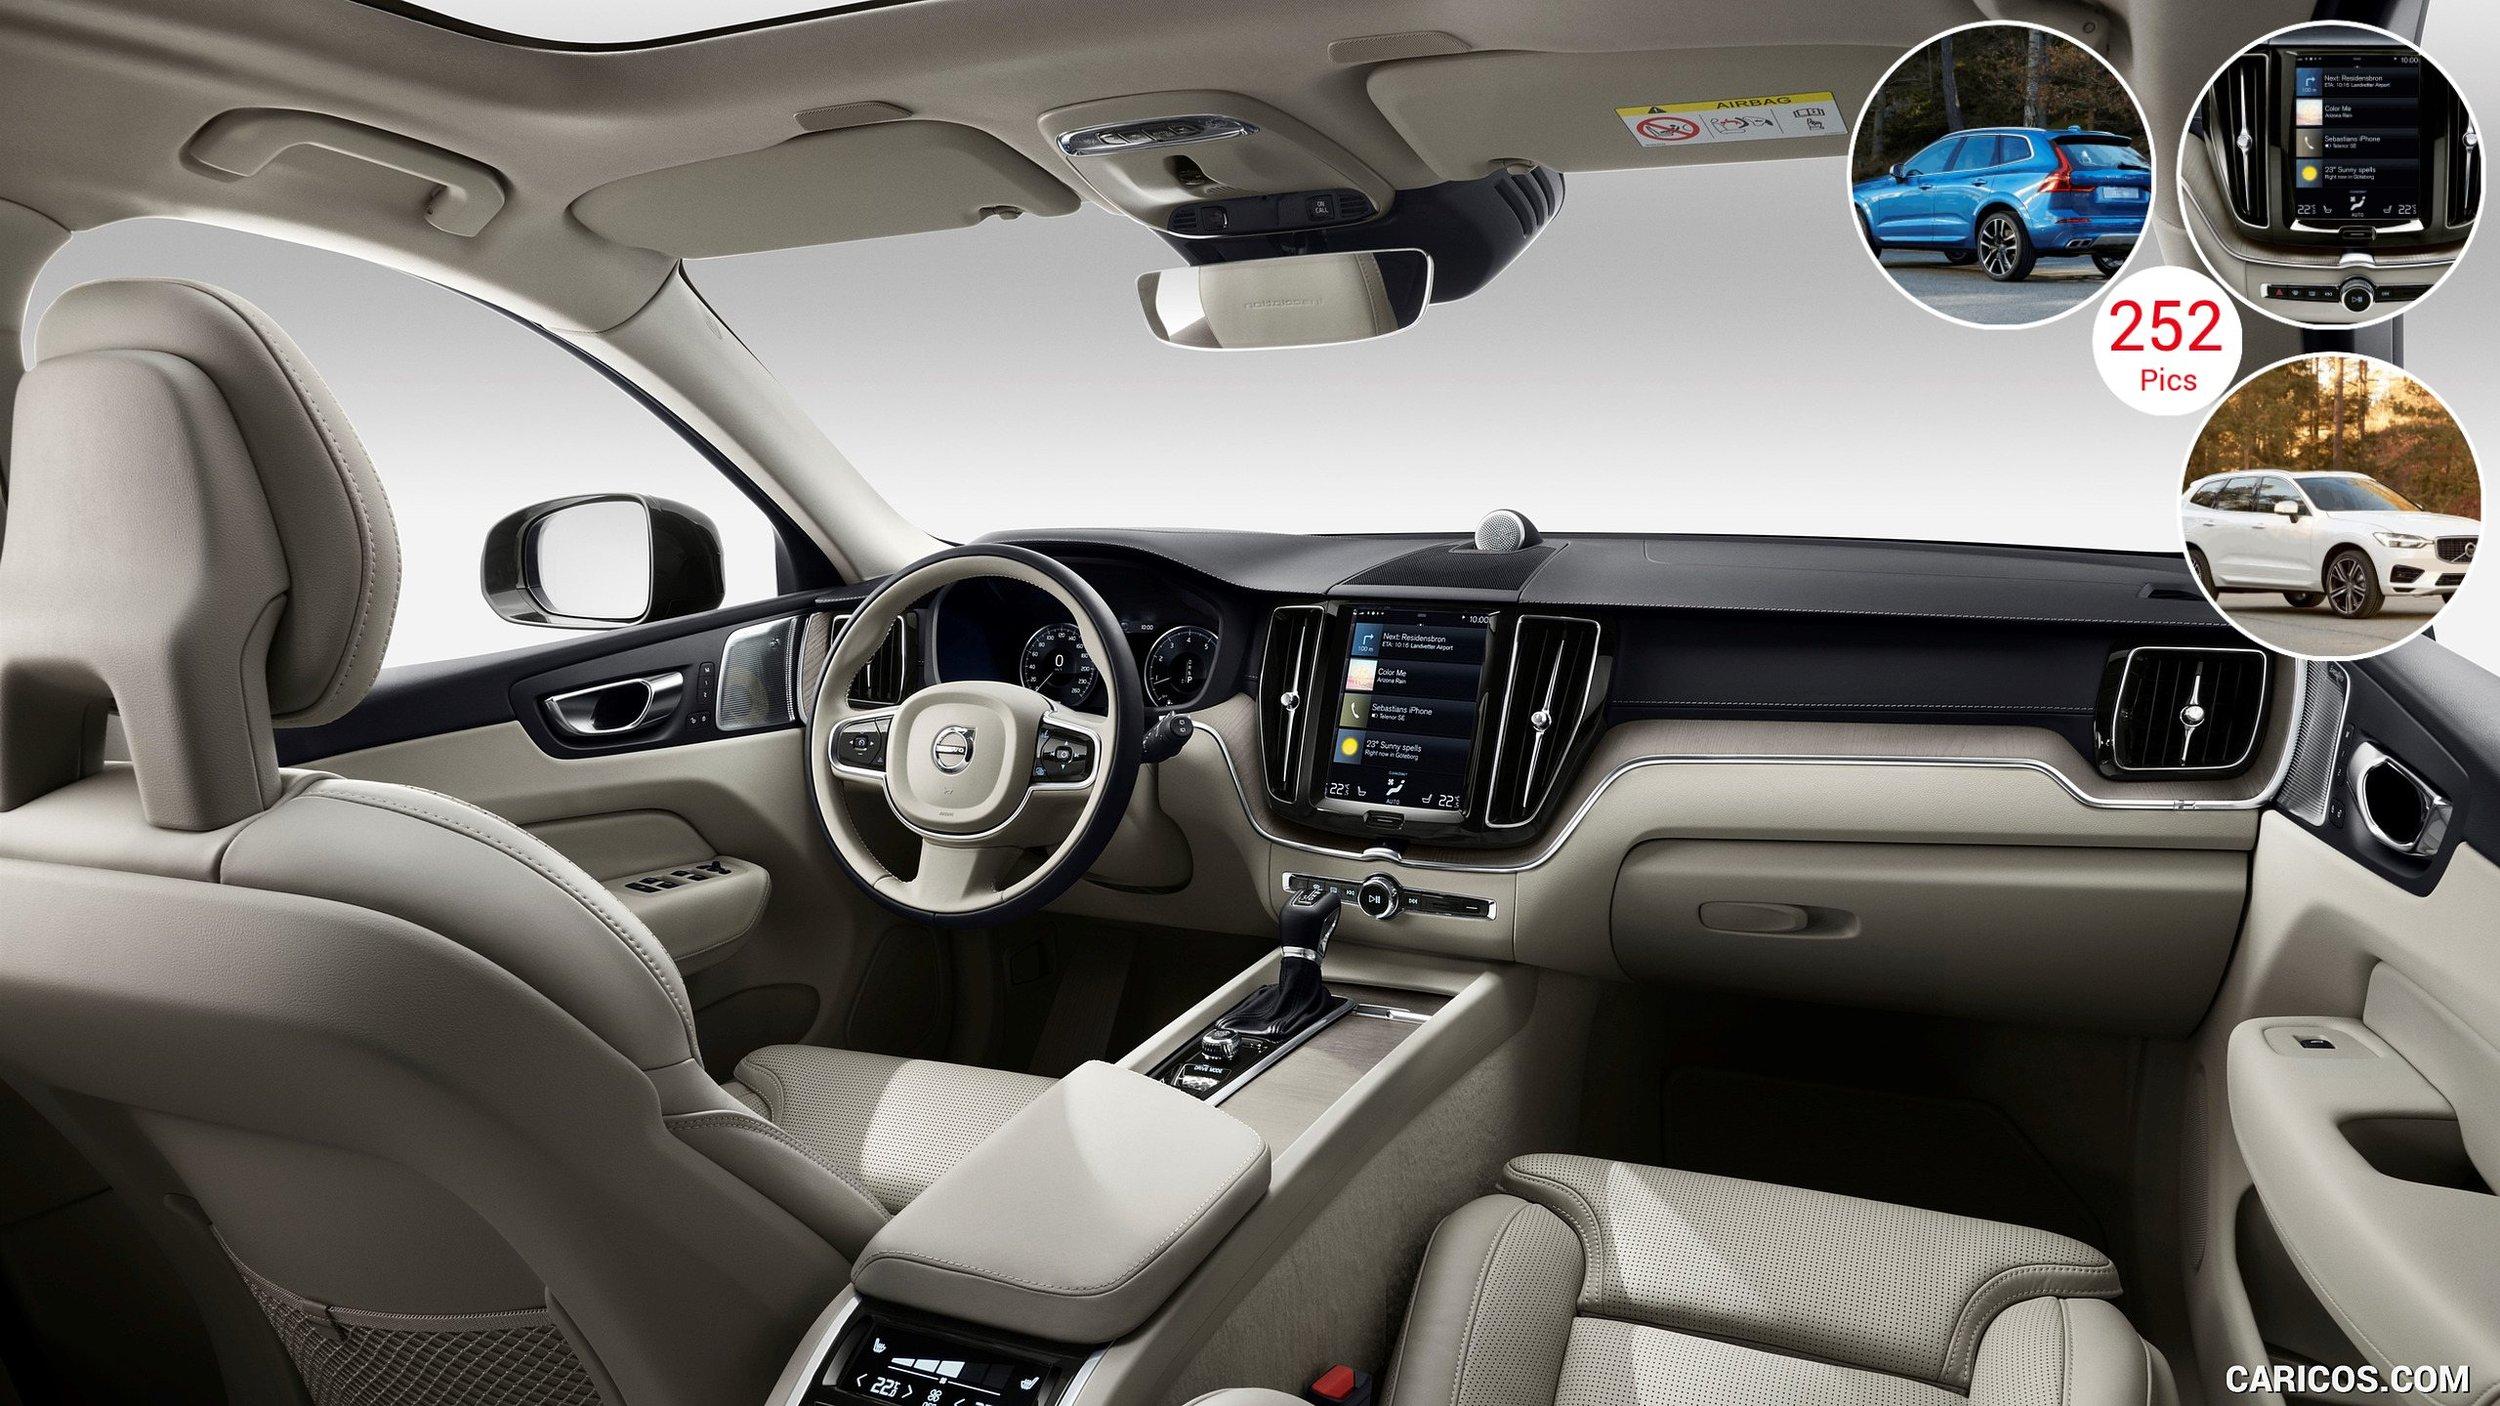 Intérieur du XC60, Volvo